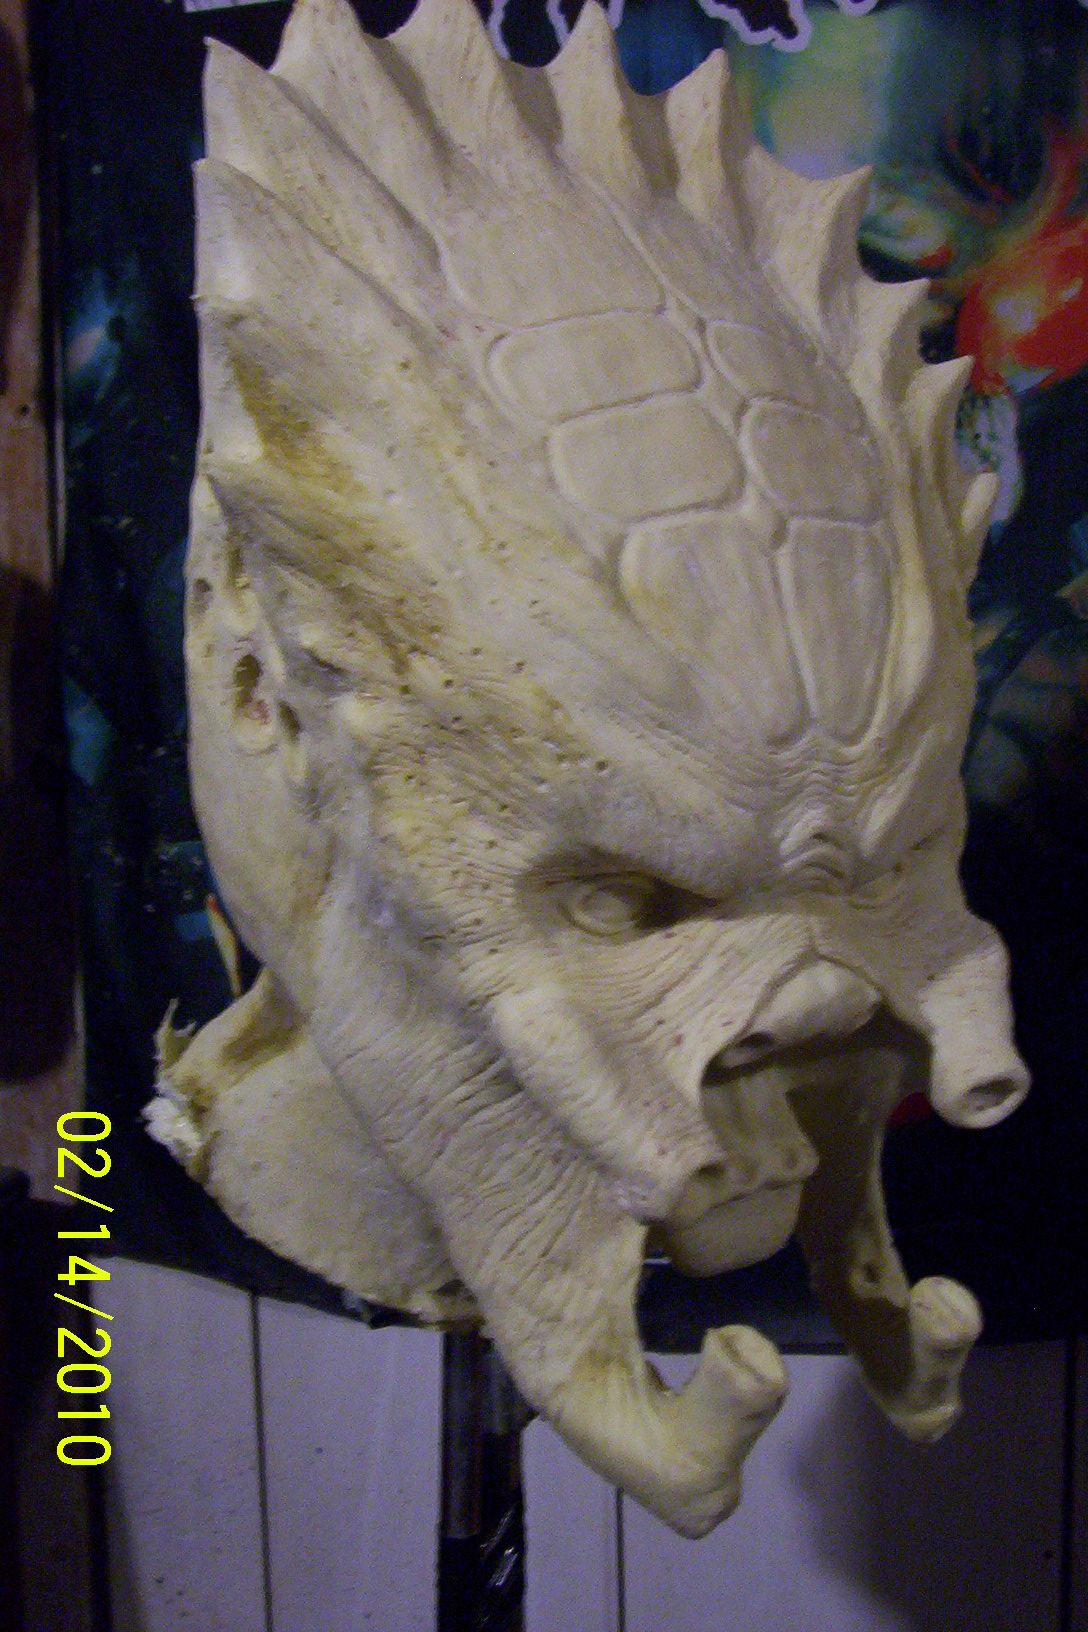 skulls_on_sticks_067.jpg